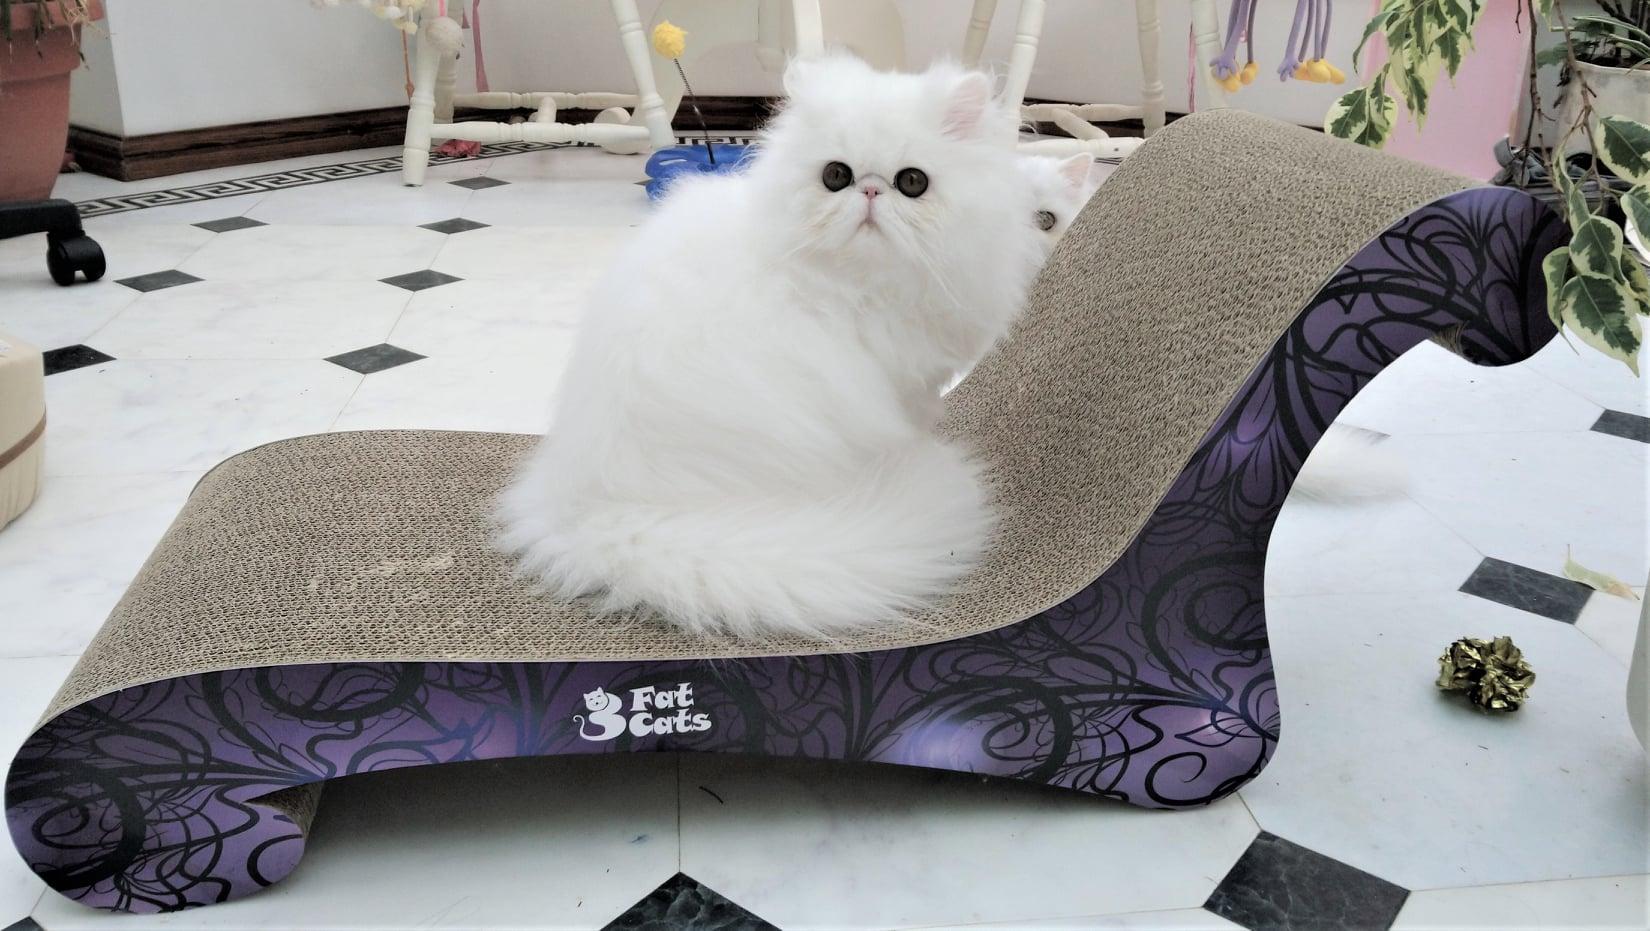 Cat Scratch Furniture | 3 Fat Cats